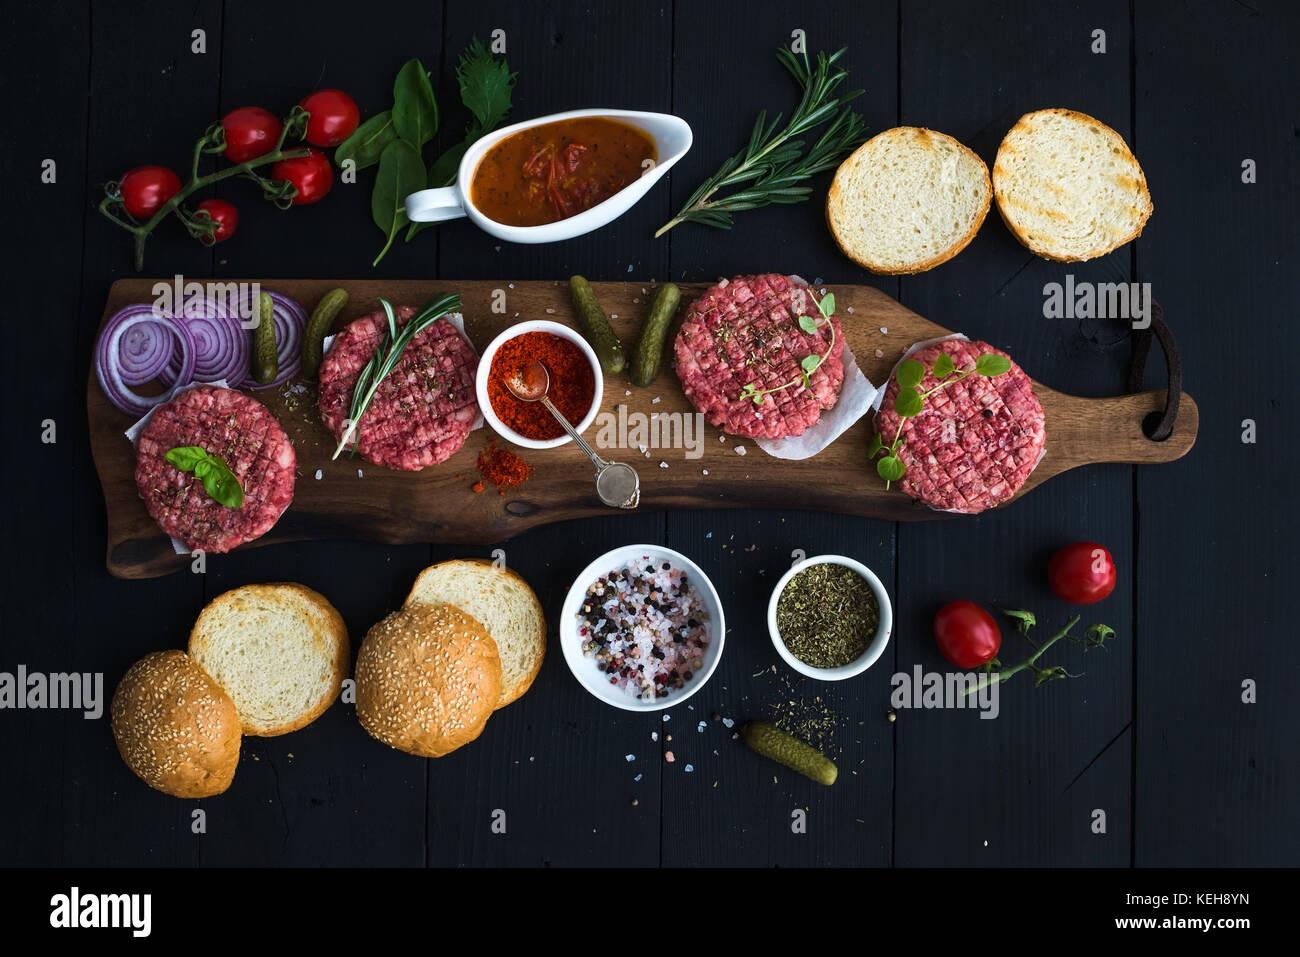 Zutaten zum Kochen Burger. rohes Hackfleisch Fleisch Schnitzel auf Holz Schneidebrett, roten Zwiebeln, Tomaten, Stockbild